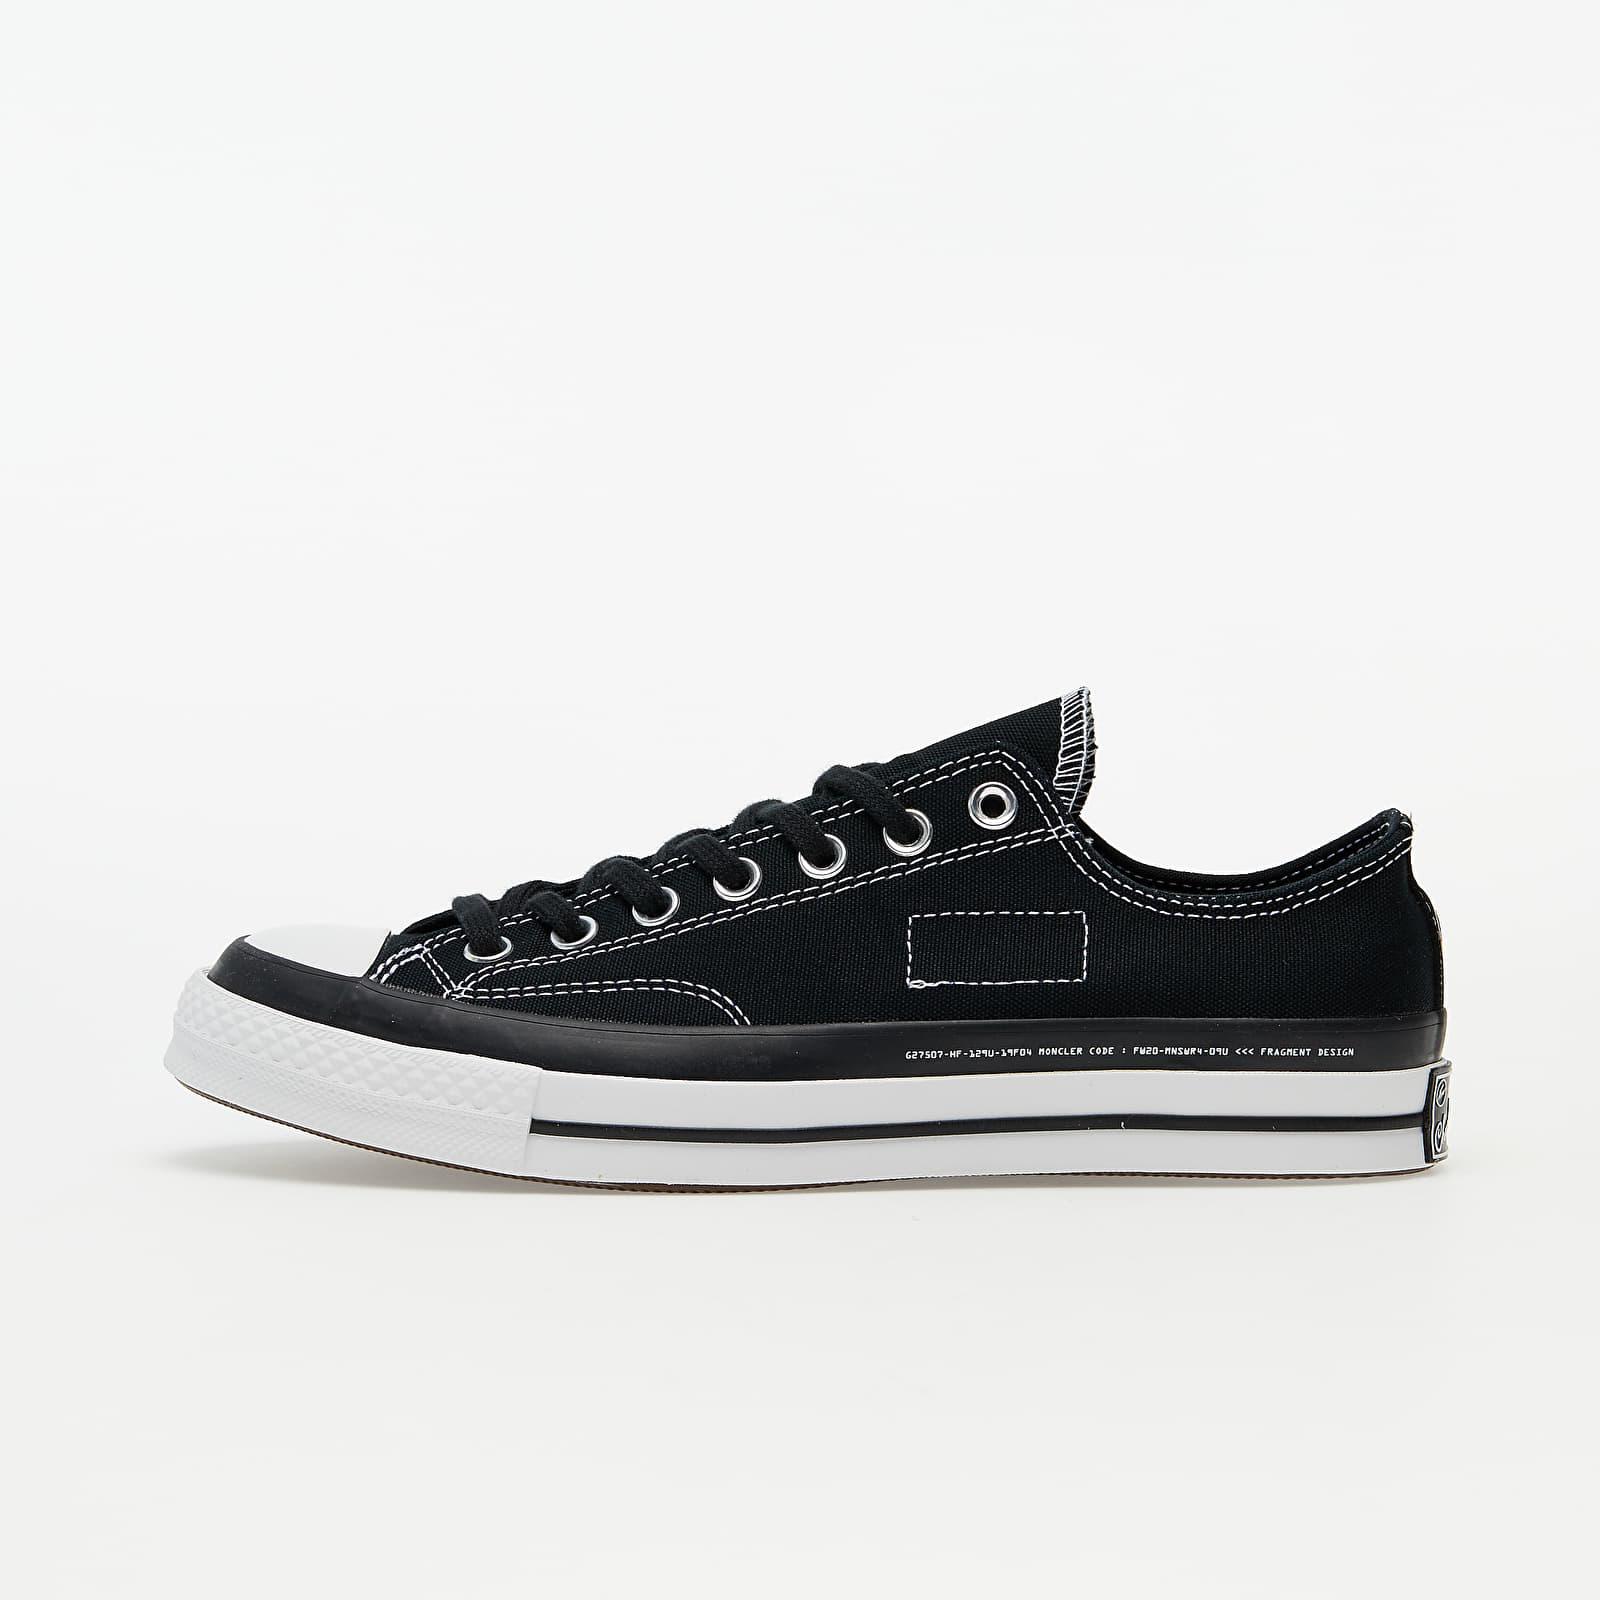 Chaussures et baskets homme Converse x Fragment Design x Moncler Chuck 70 OX Black/ White/ Black